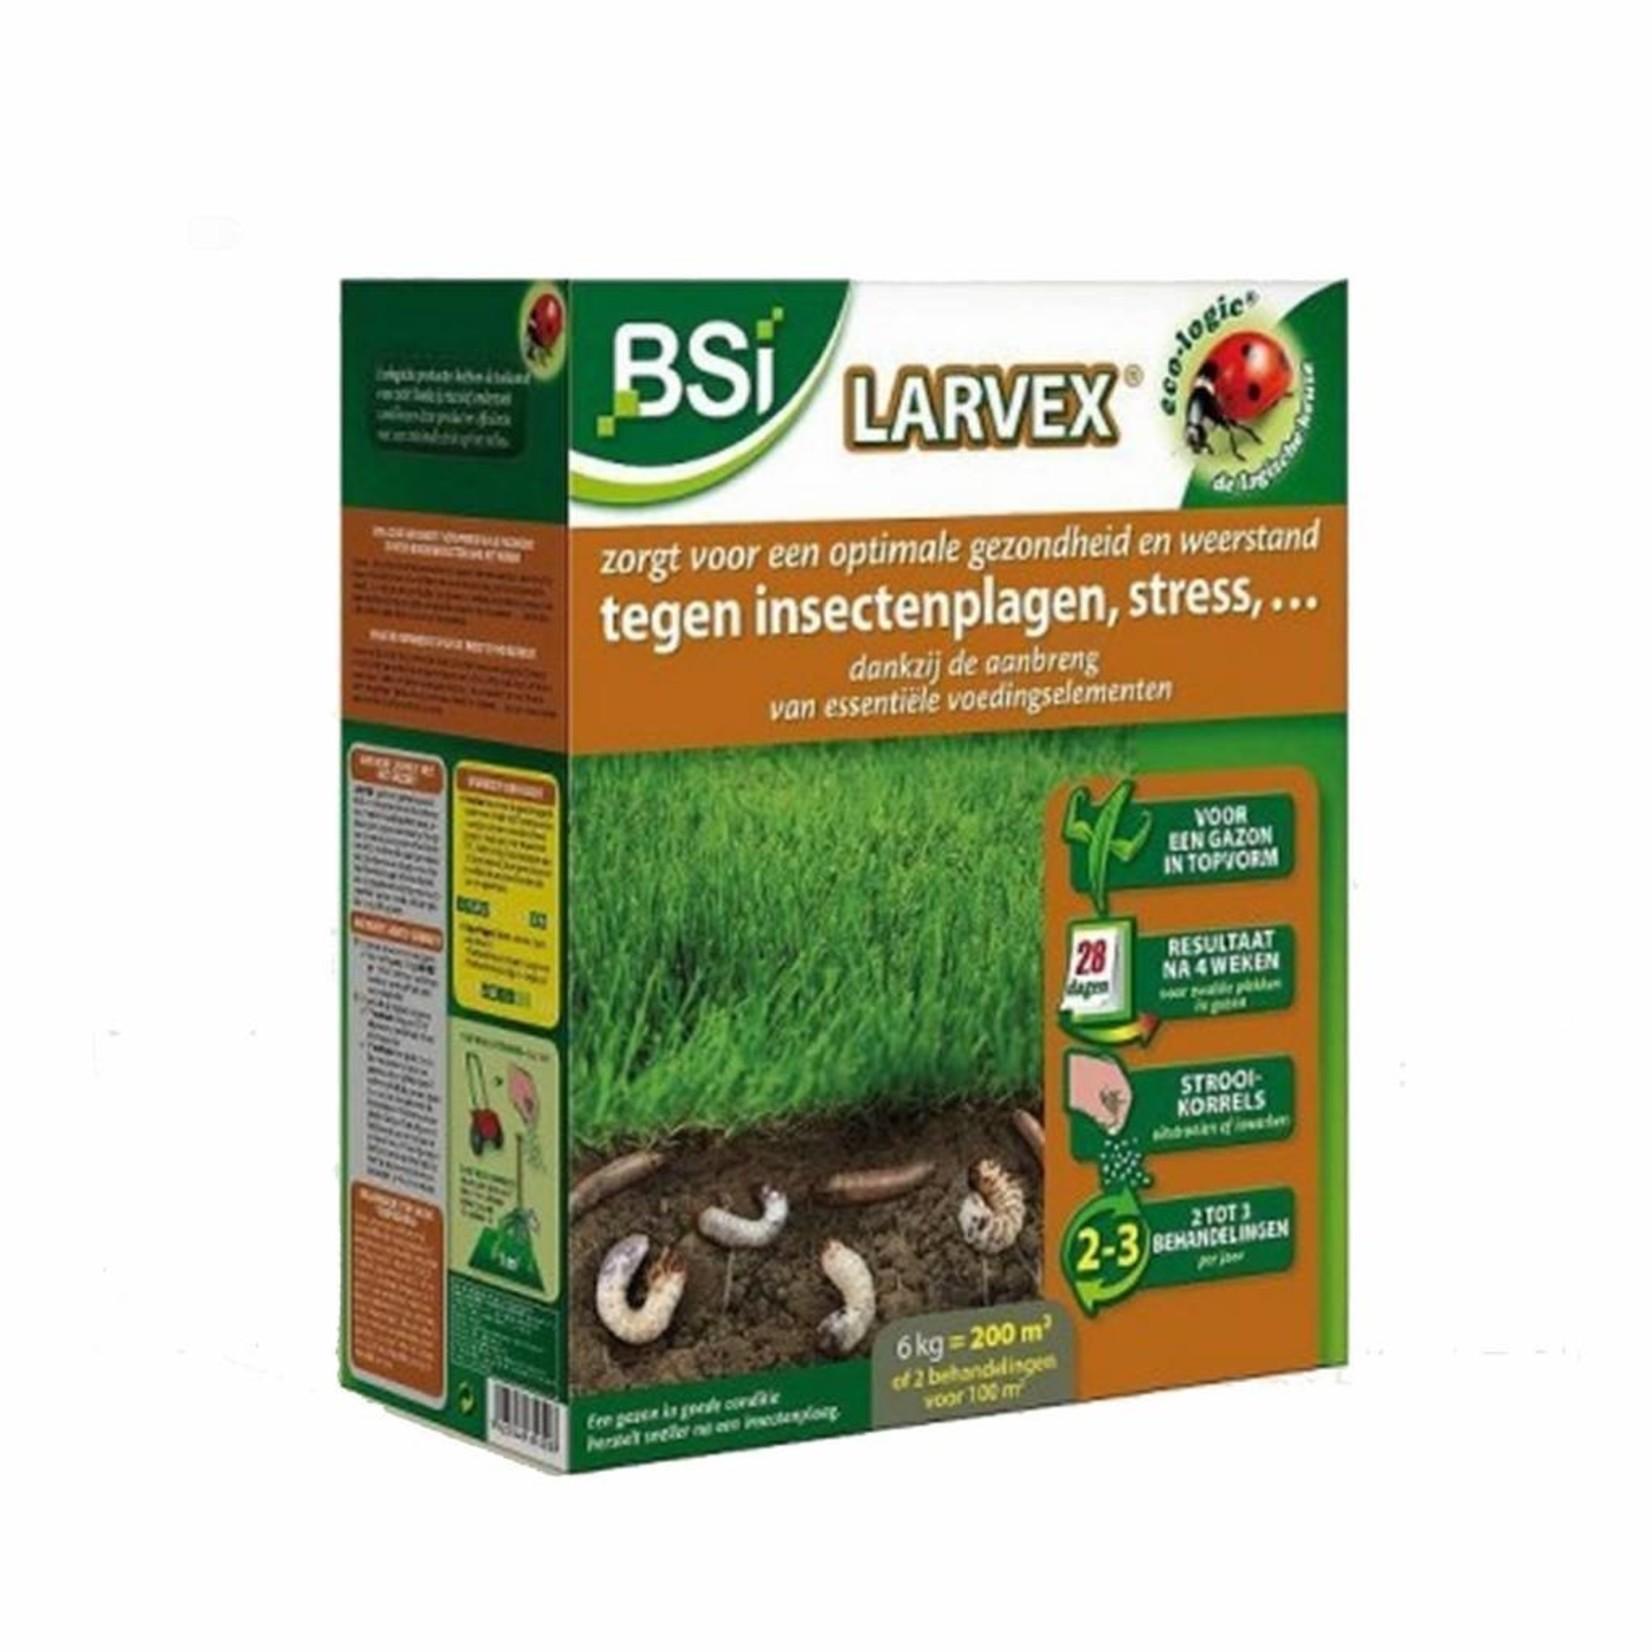 BSi Larvex 6 kg tegen engerlingen & emelten